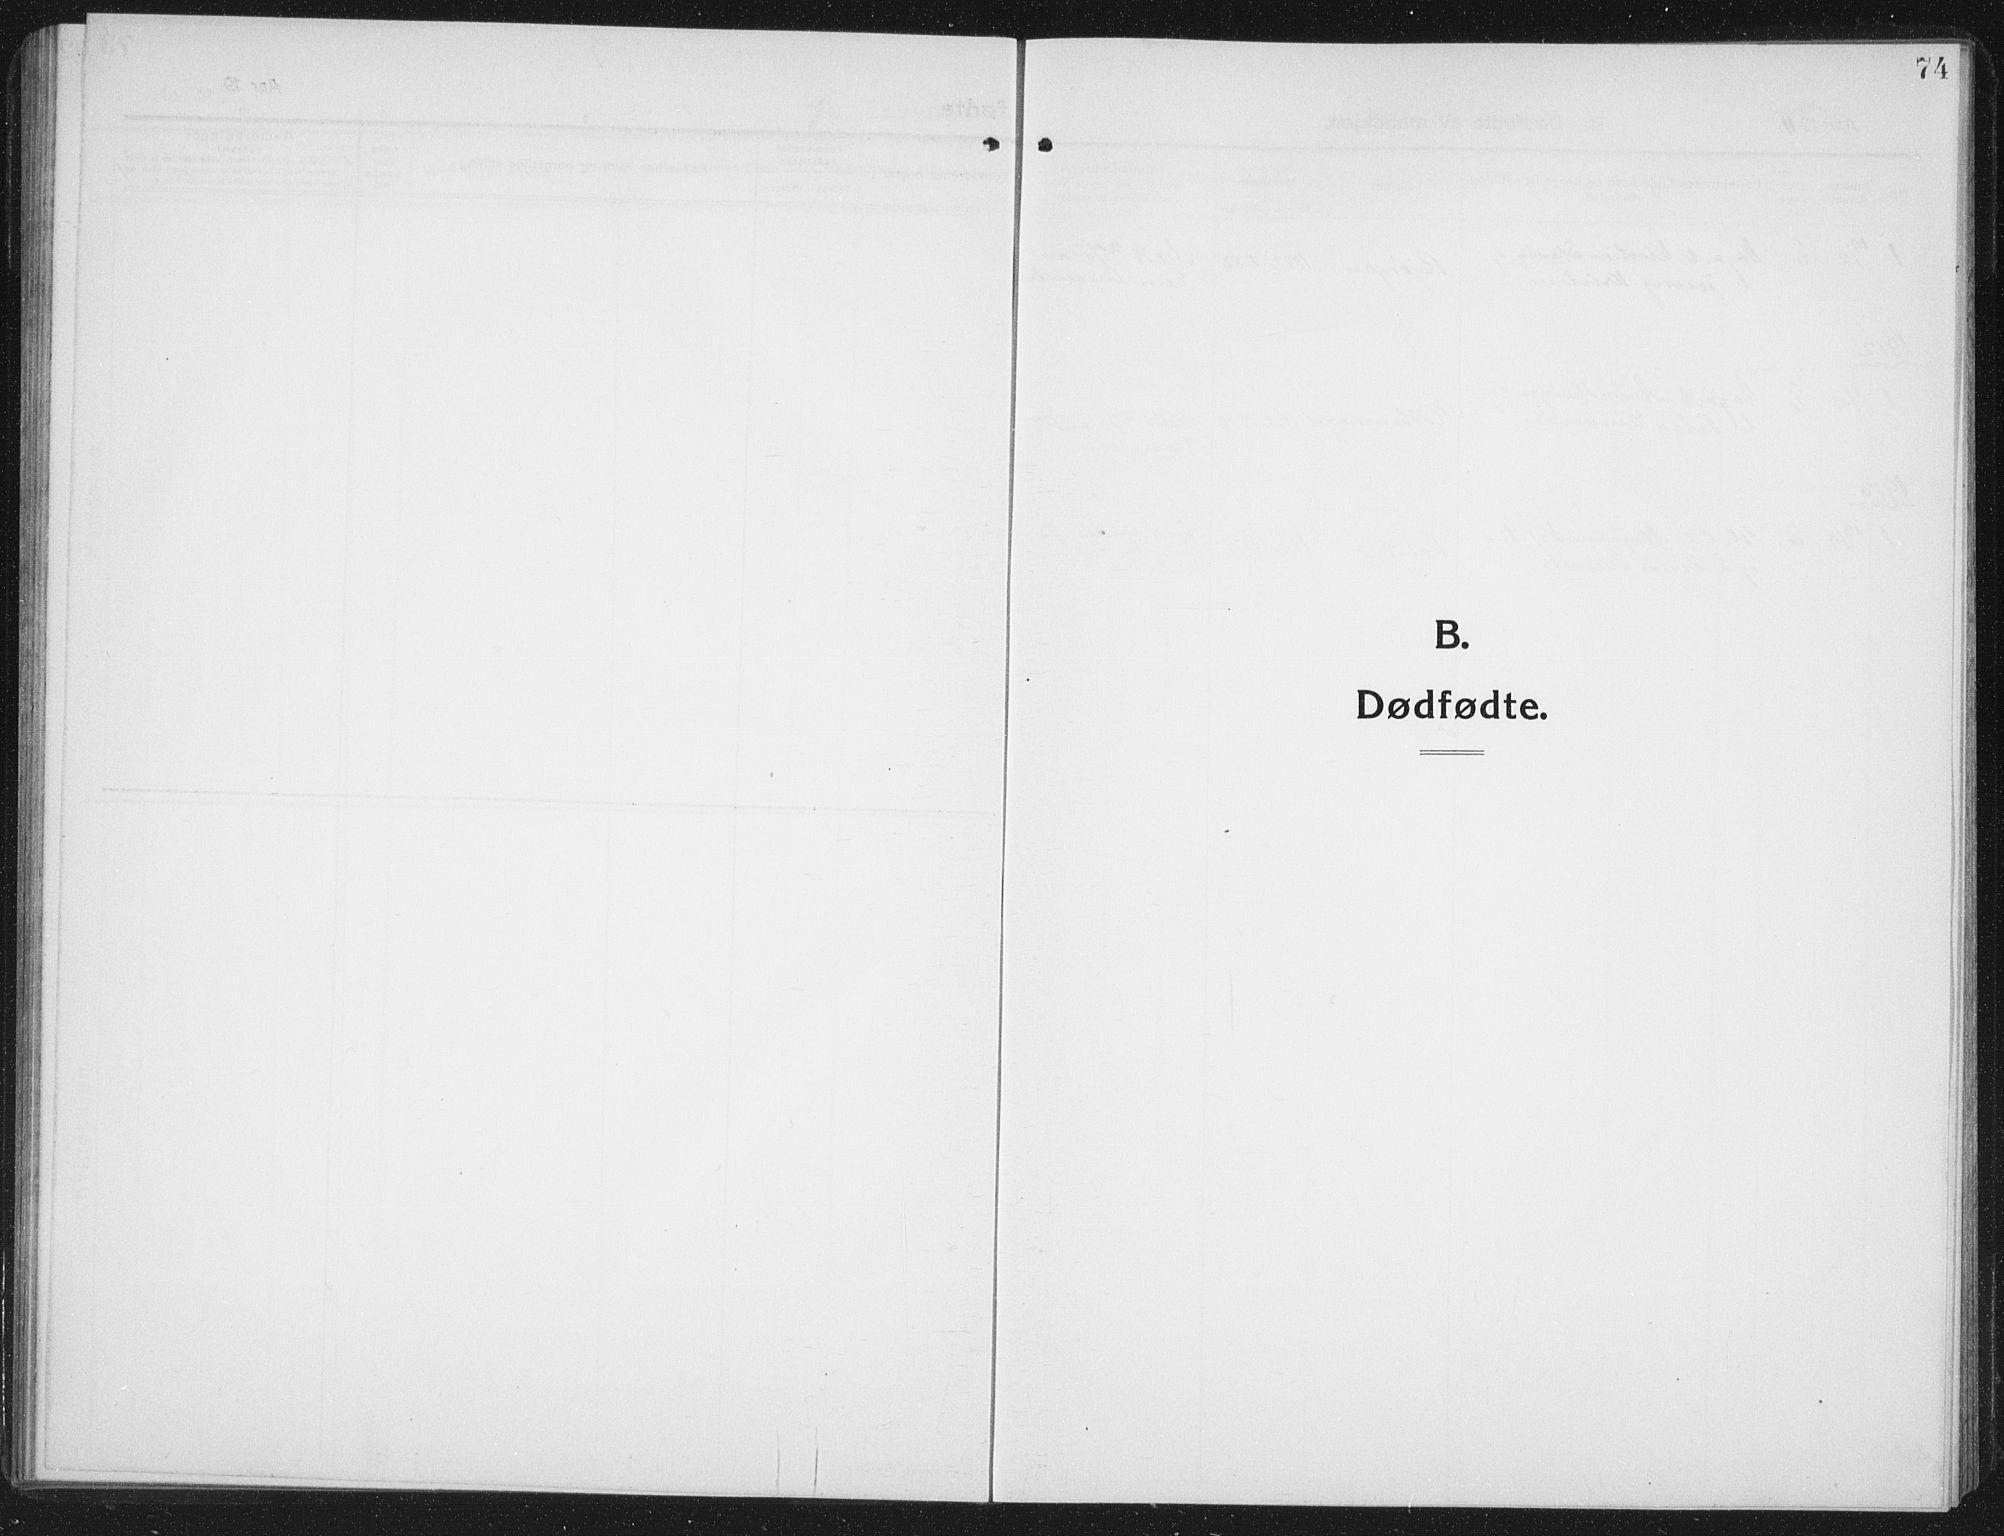 SAT, Ministerialprotokoller, klokkerbøker og fødselsregistre - Nord-Trøndelag, 742/L0413: Klokkerbok nr. 742C04, 1911-1938, s. 74